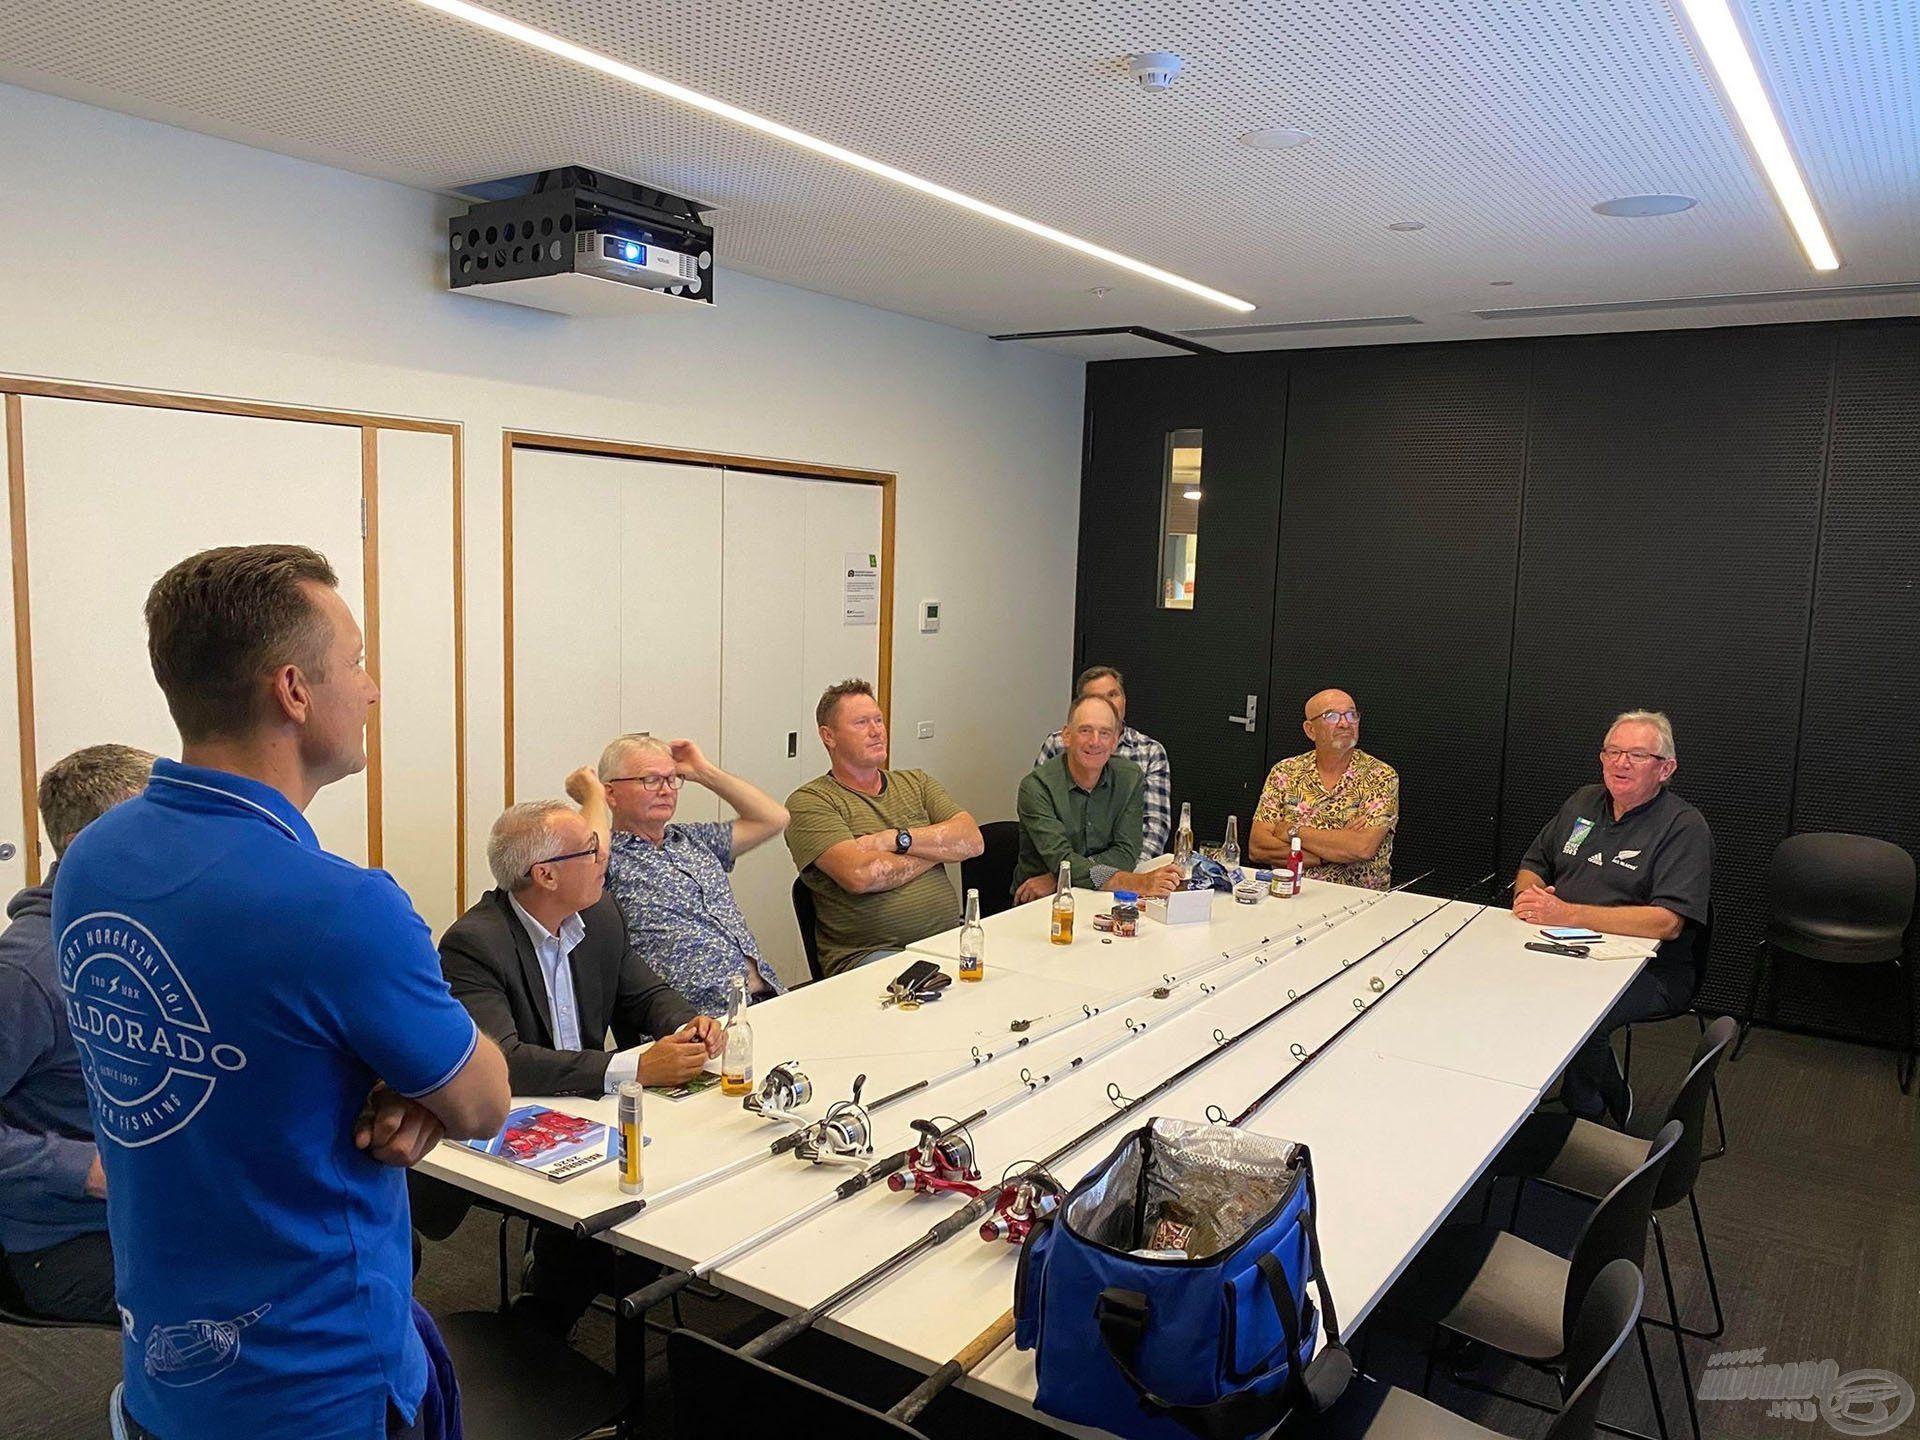 A Melbourne-i Horgász Klub megtisztelő meghívásának eleget téve egy előadást tartottam a magyar feeder horgászatról és az elért eredményeinkről. Nem titkolt célja az Ausztrál Horgász Szövetségnek, hogy a közeljövőben Feeder VB-t rendezzenek ezen a földrészen is!